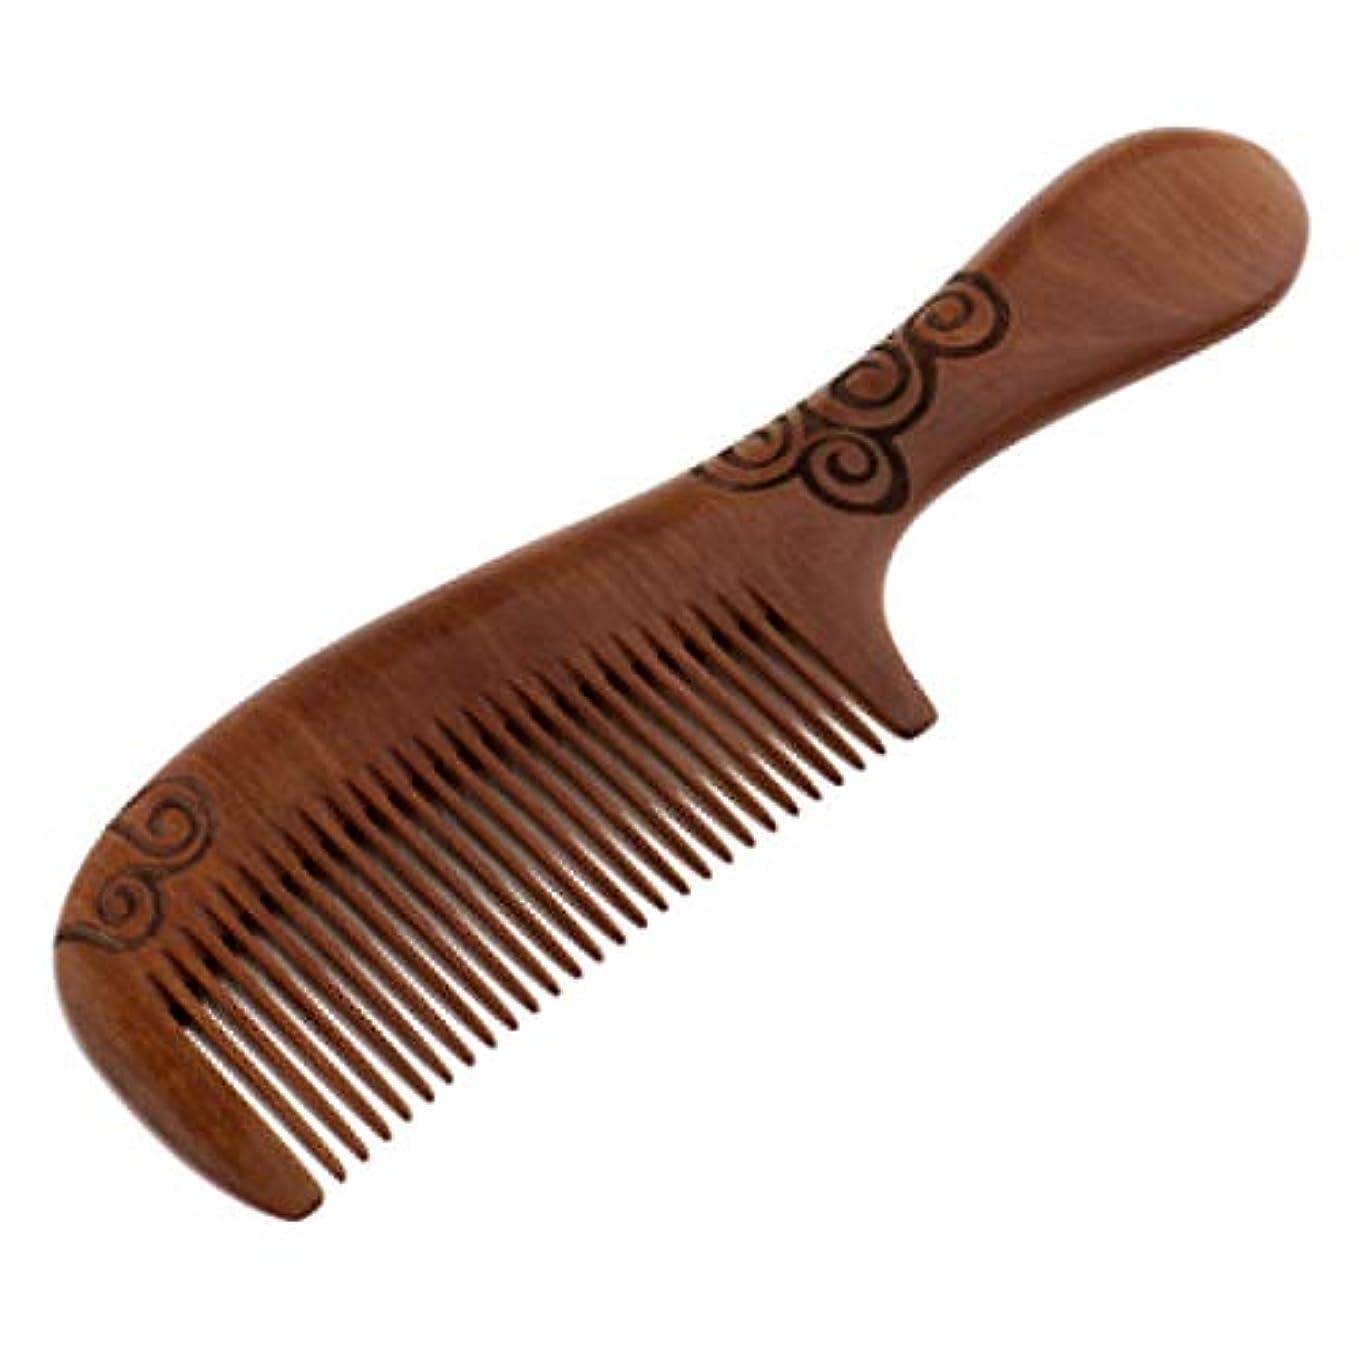 リーガン飢ソートToygogo くし コーム 木製 頭皮マッサージ ヘア櫛 木製ヘアコーム ヘアケア 髪の櫛 帯電防止 耐熱性